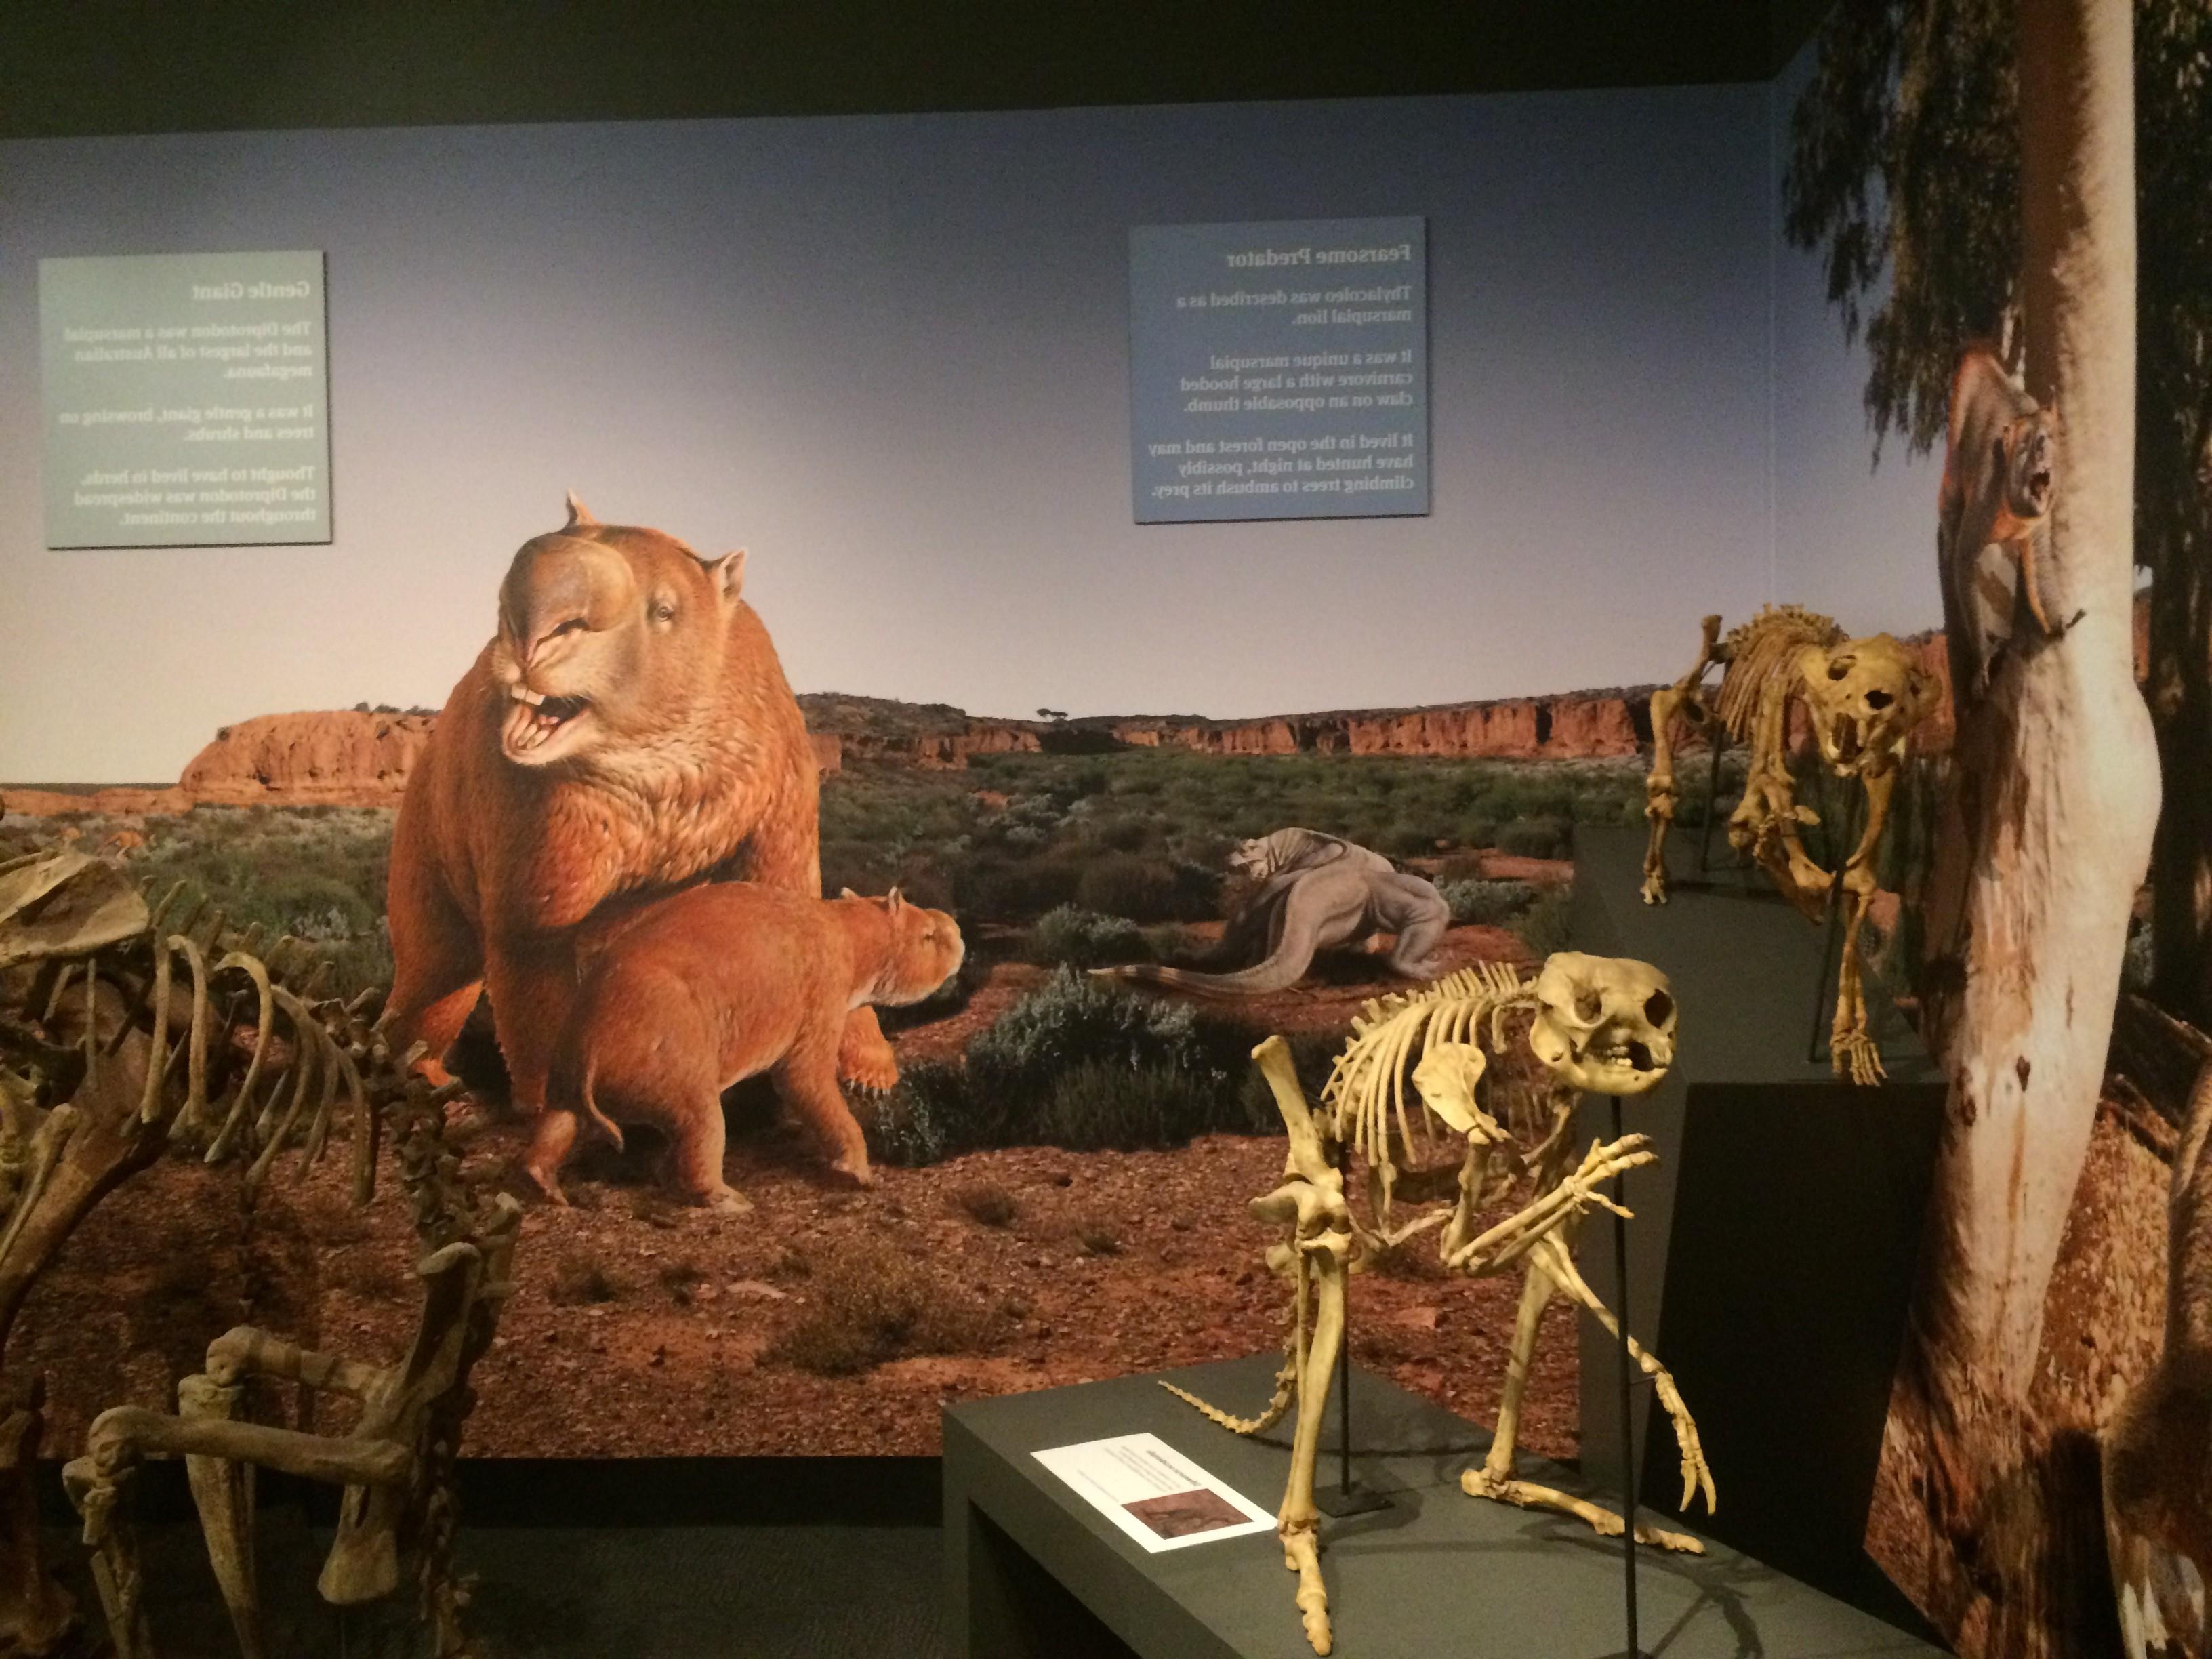 fossilmegafauna